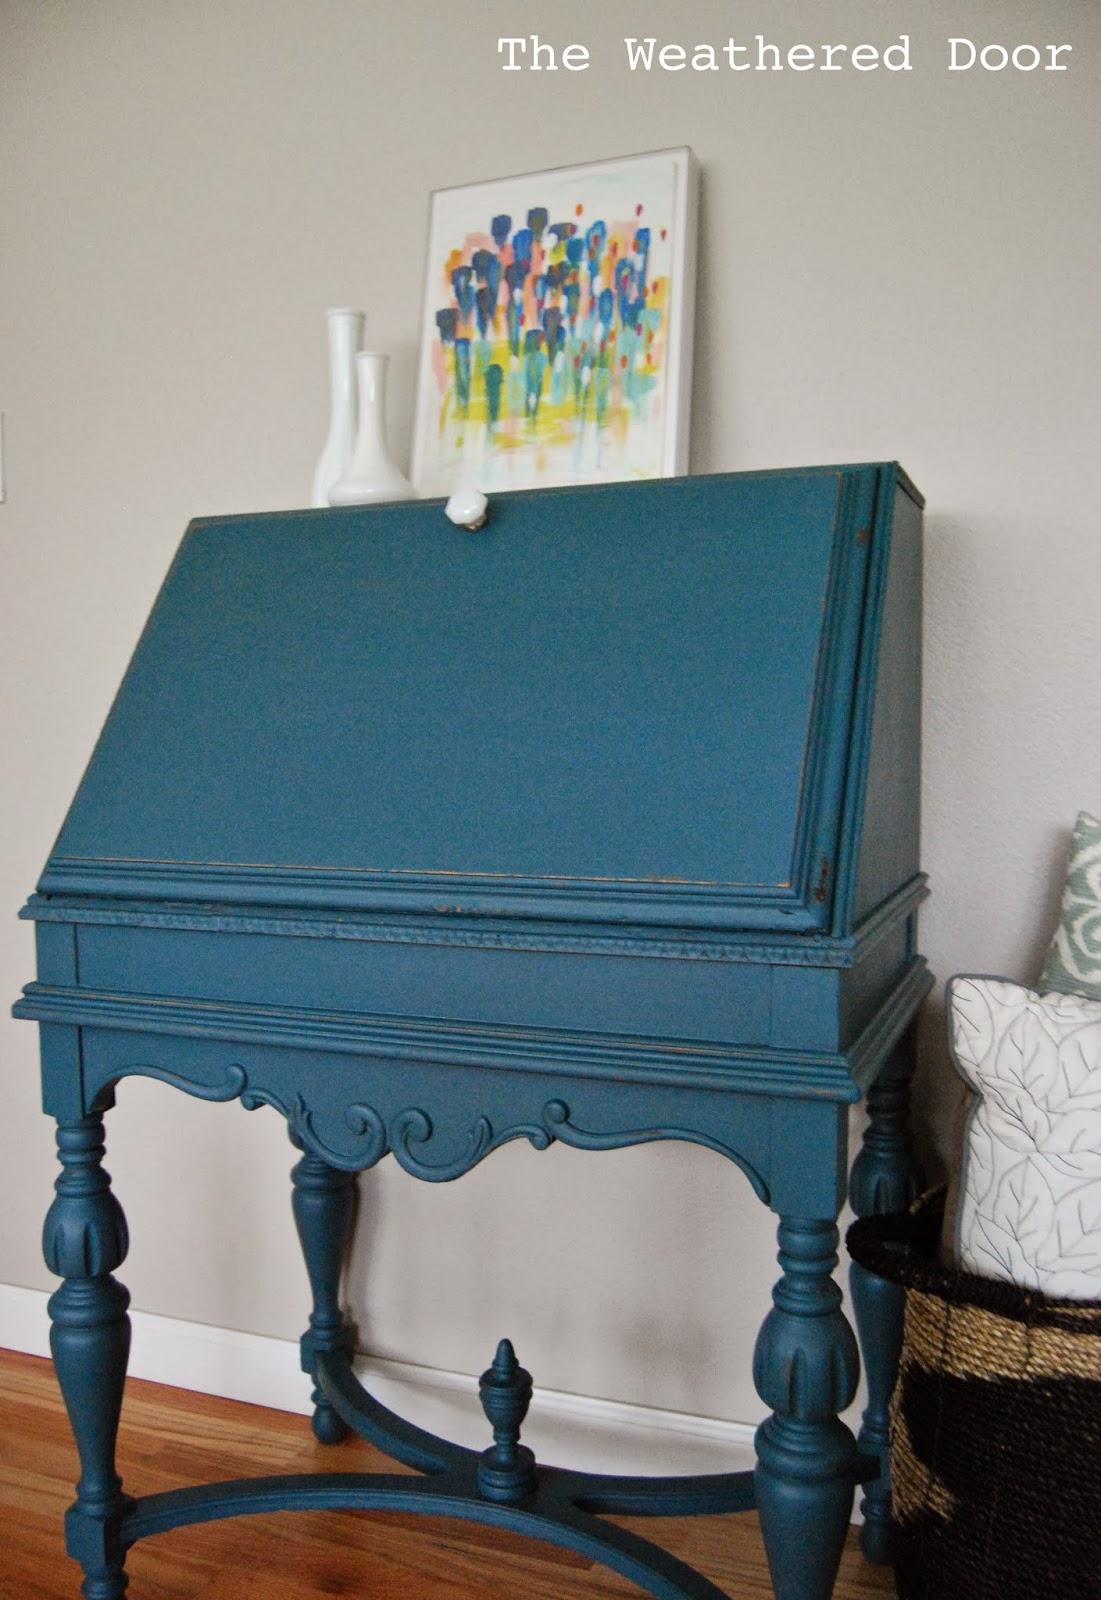 An antique secretary desk in a deep teal - An Antique Secretary Desk In A Deep Teal - The Weathered Door